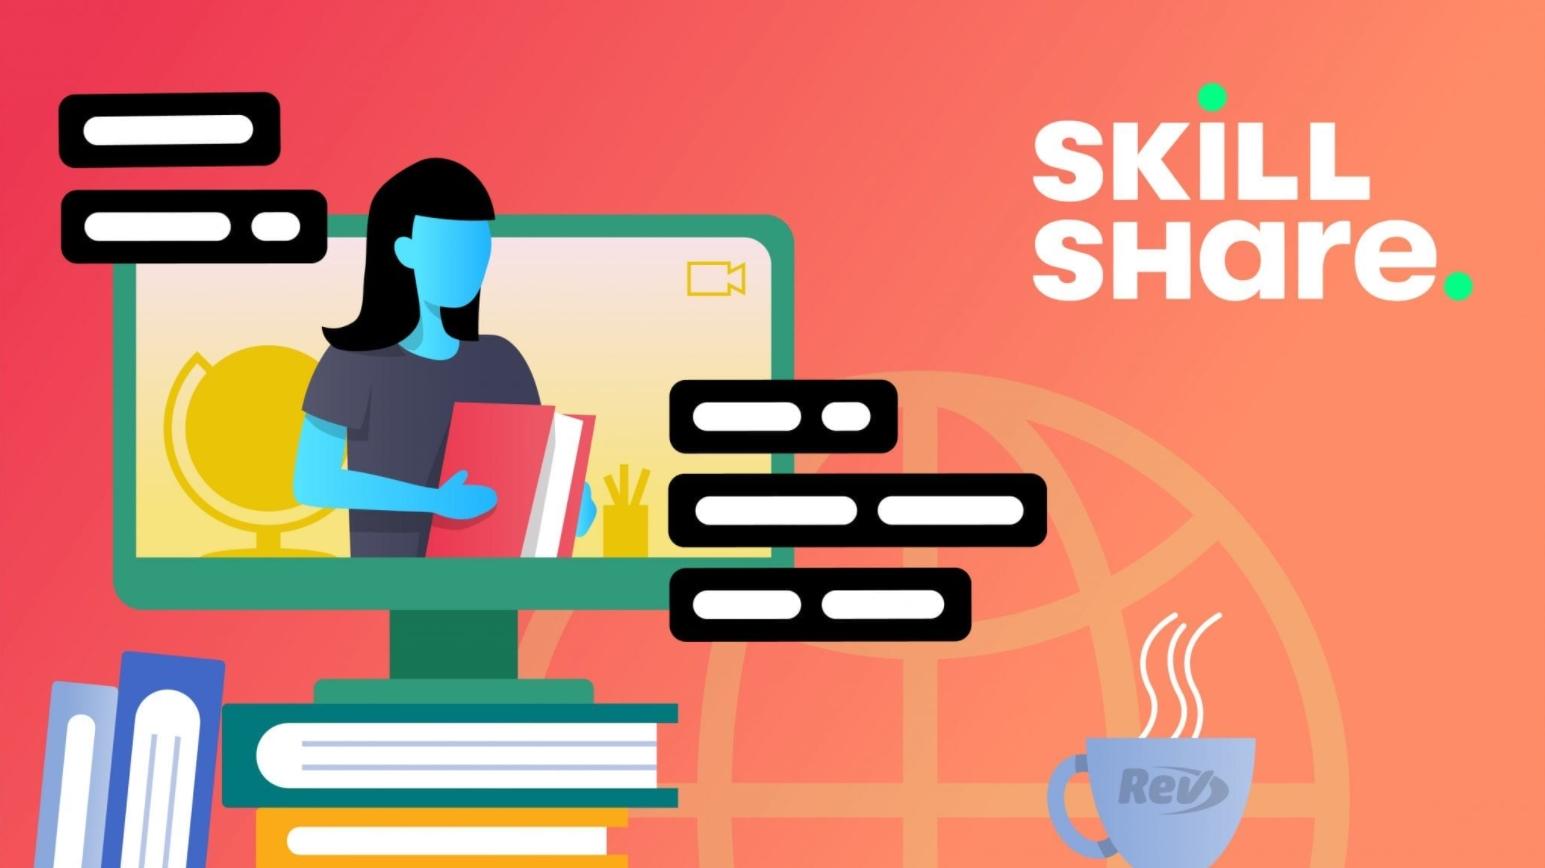 học trực tuyến miễn phí skillshare